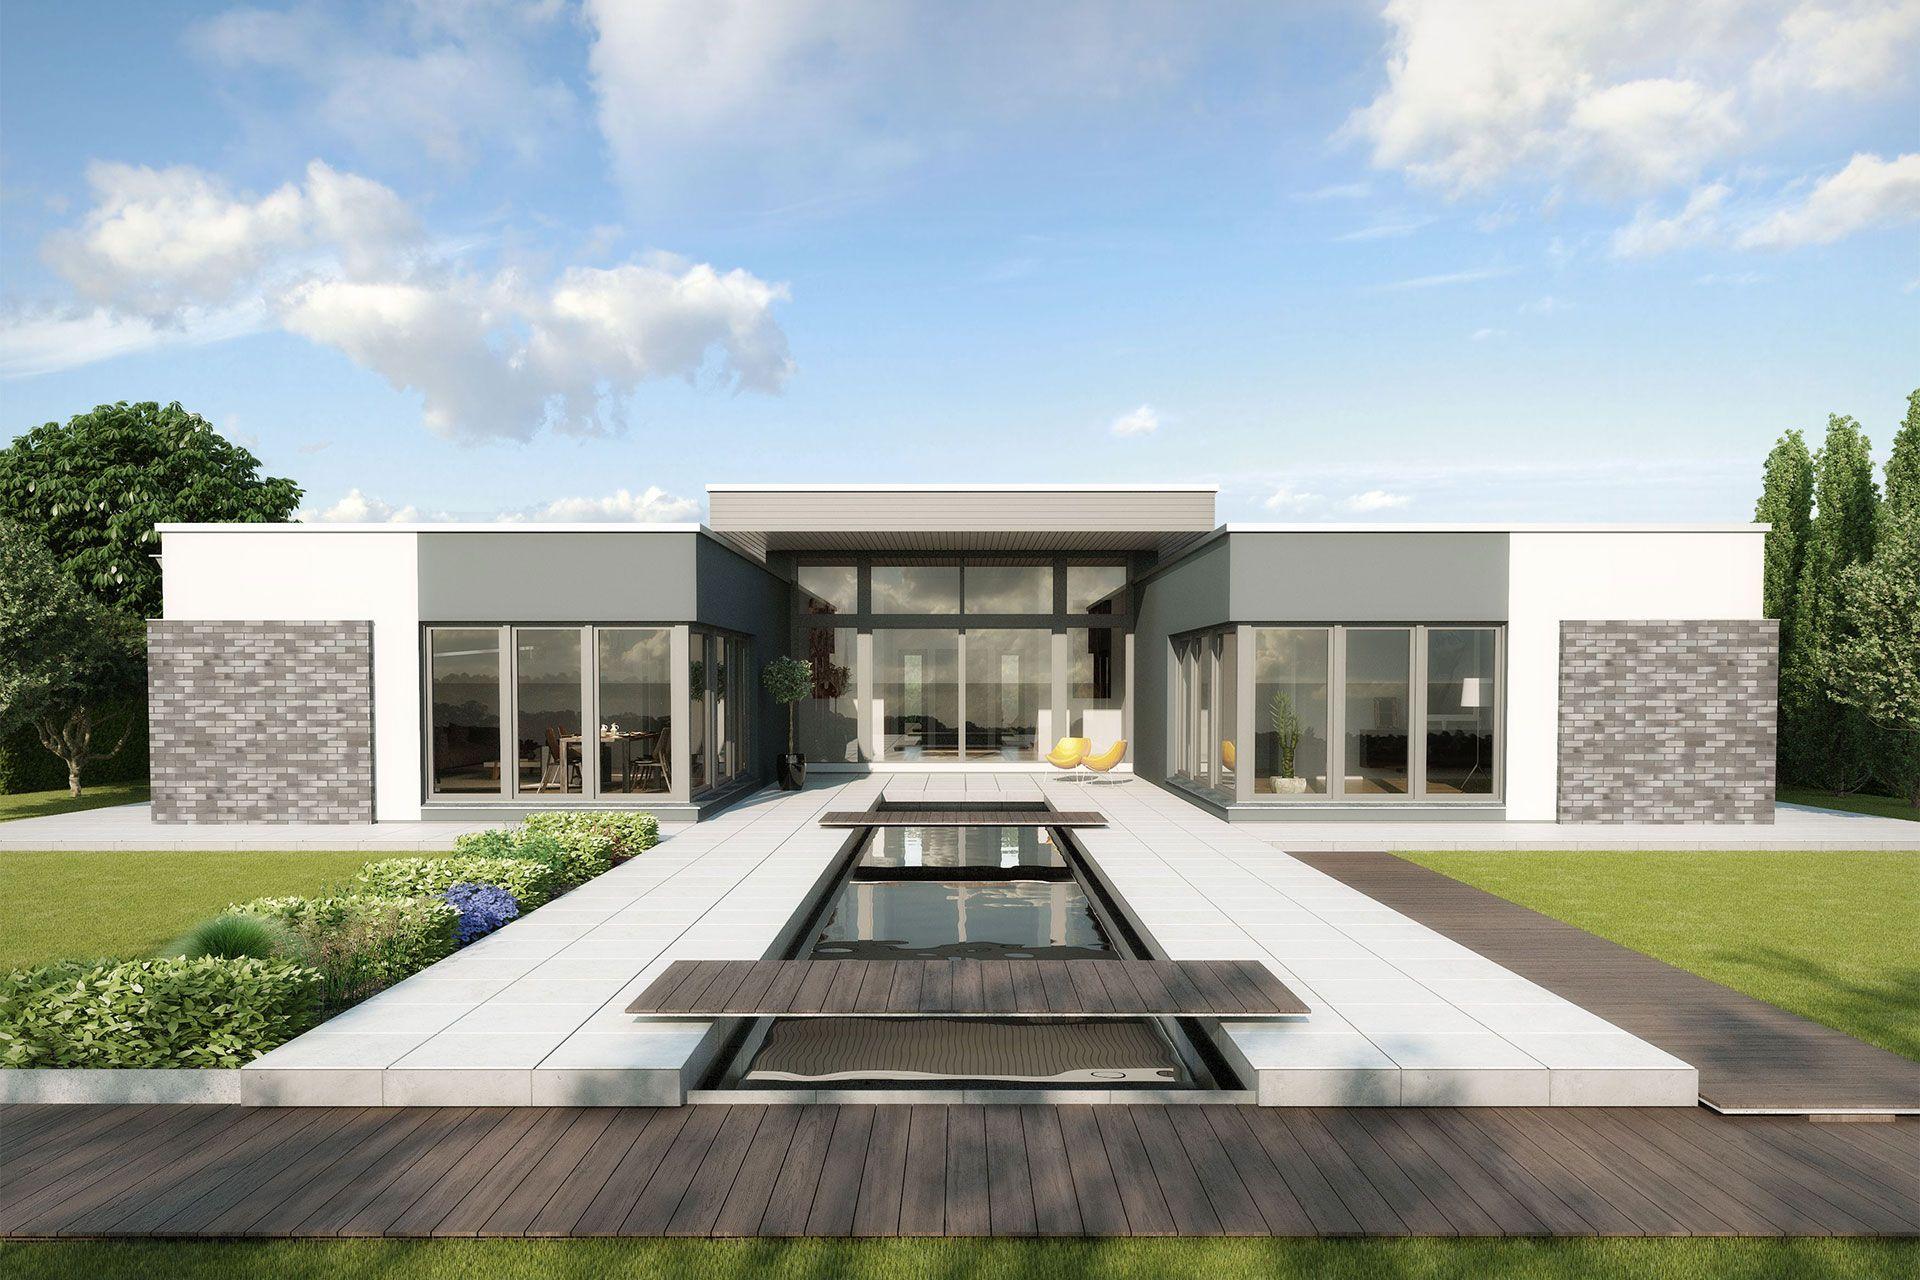 Grundriss einfamilienhaus modern ebenerdig  Bungalow | Alternative Grundrisse | Pinterest | Barrierefrei ...